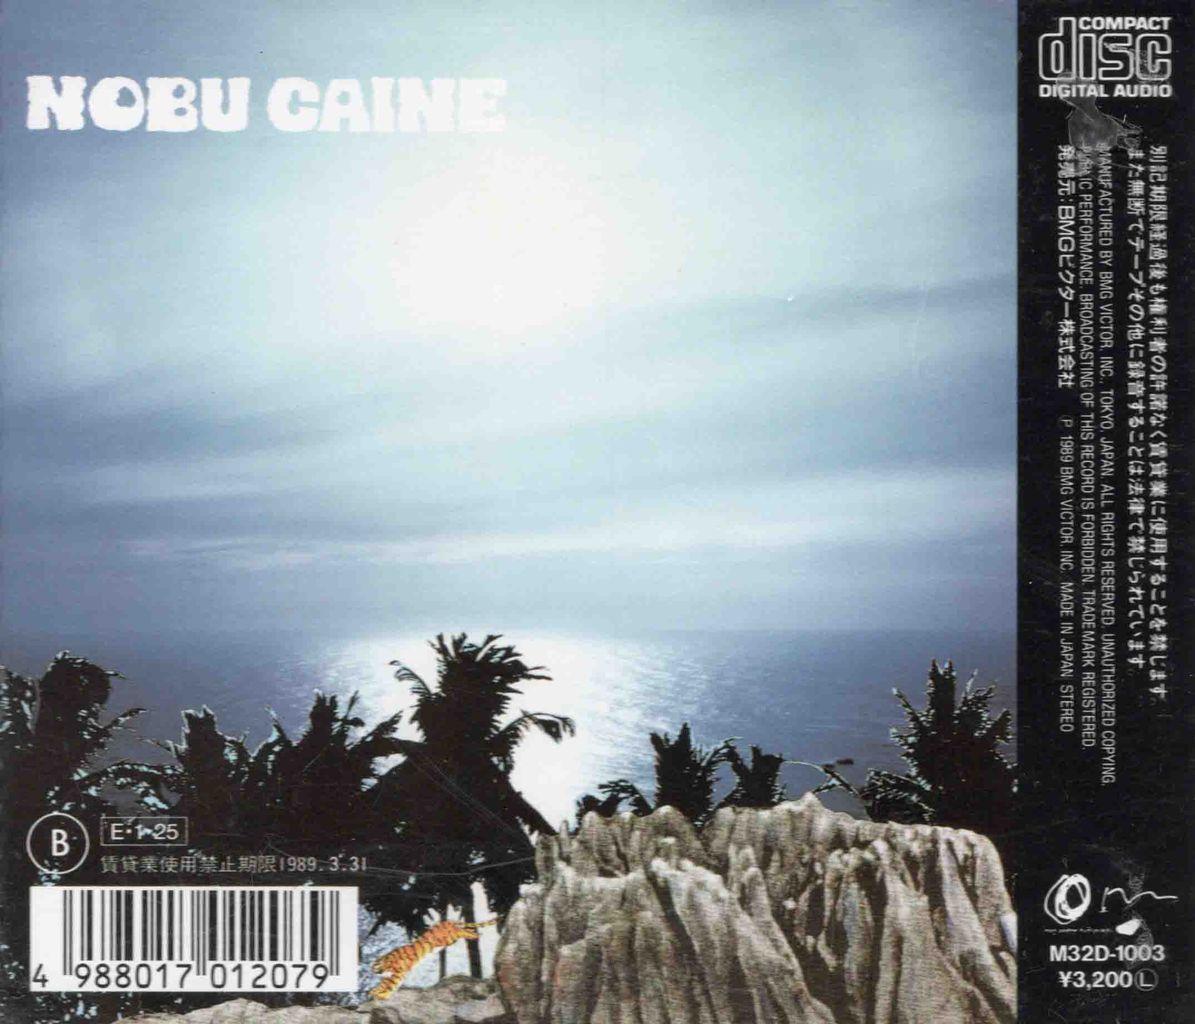 NOBU CAINE-2